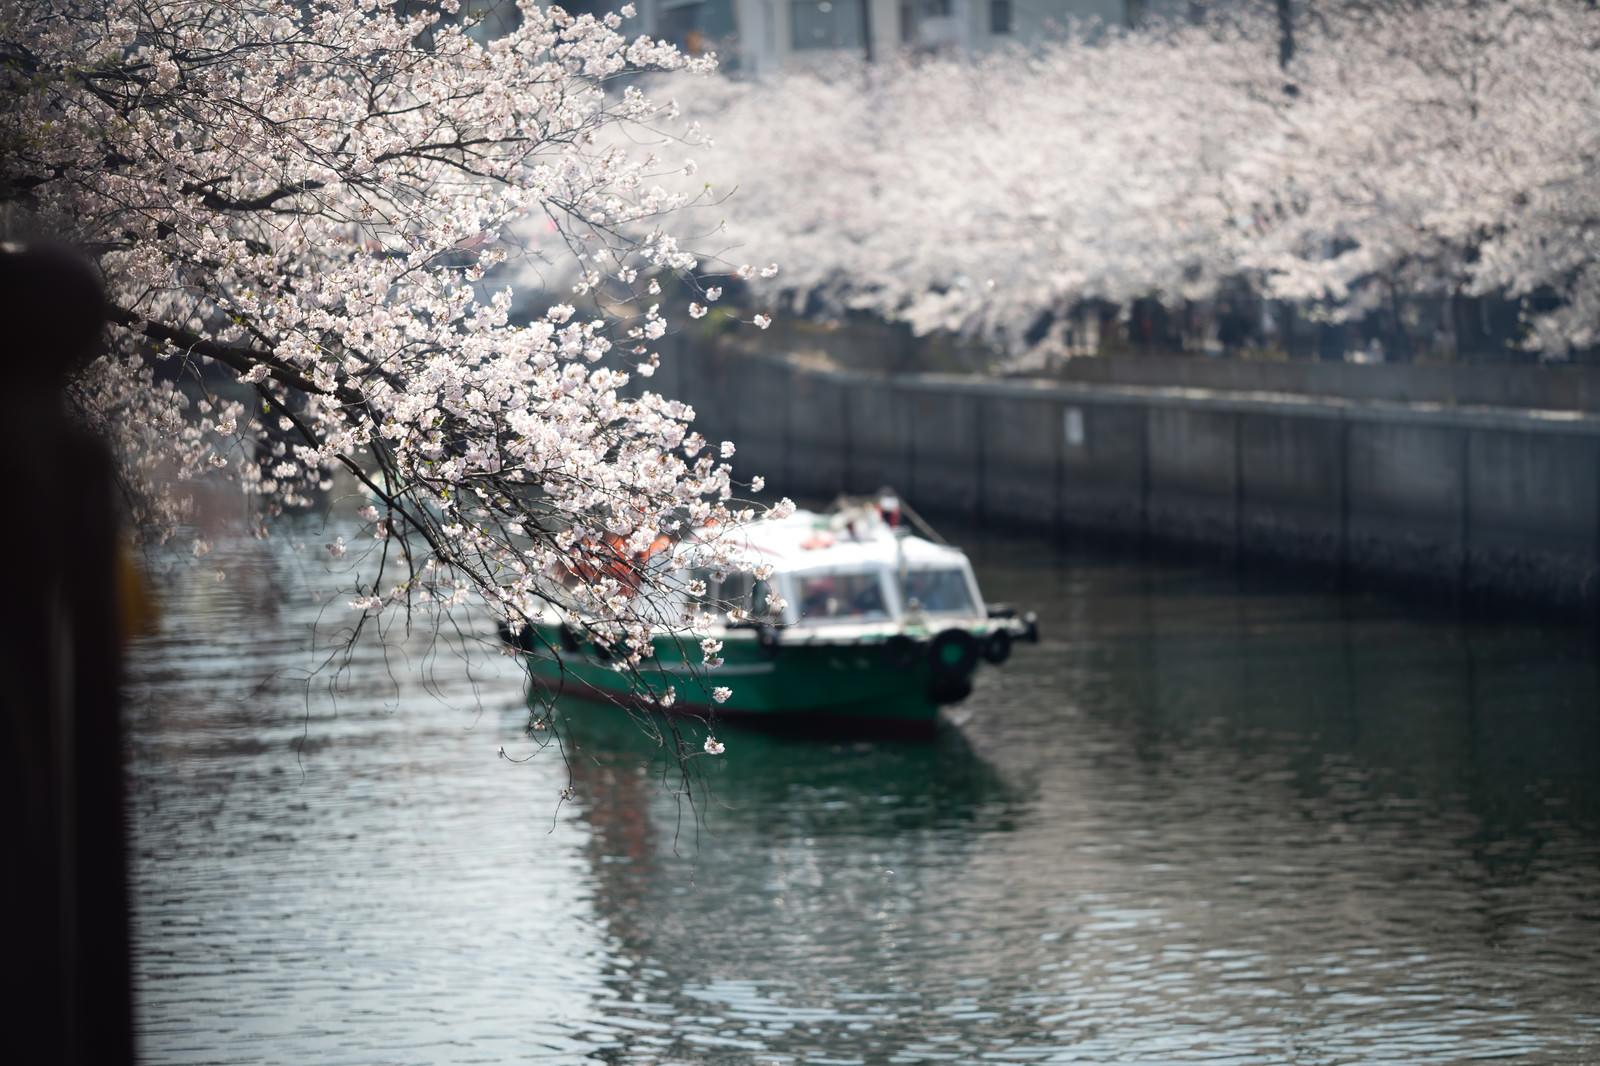 「花見をしながら大岡川を下る屋形船」の写真